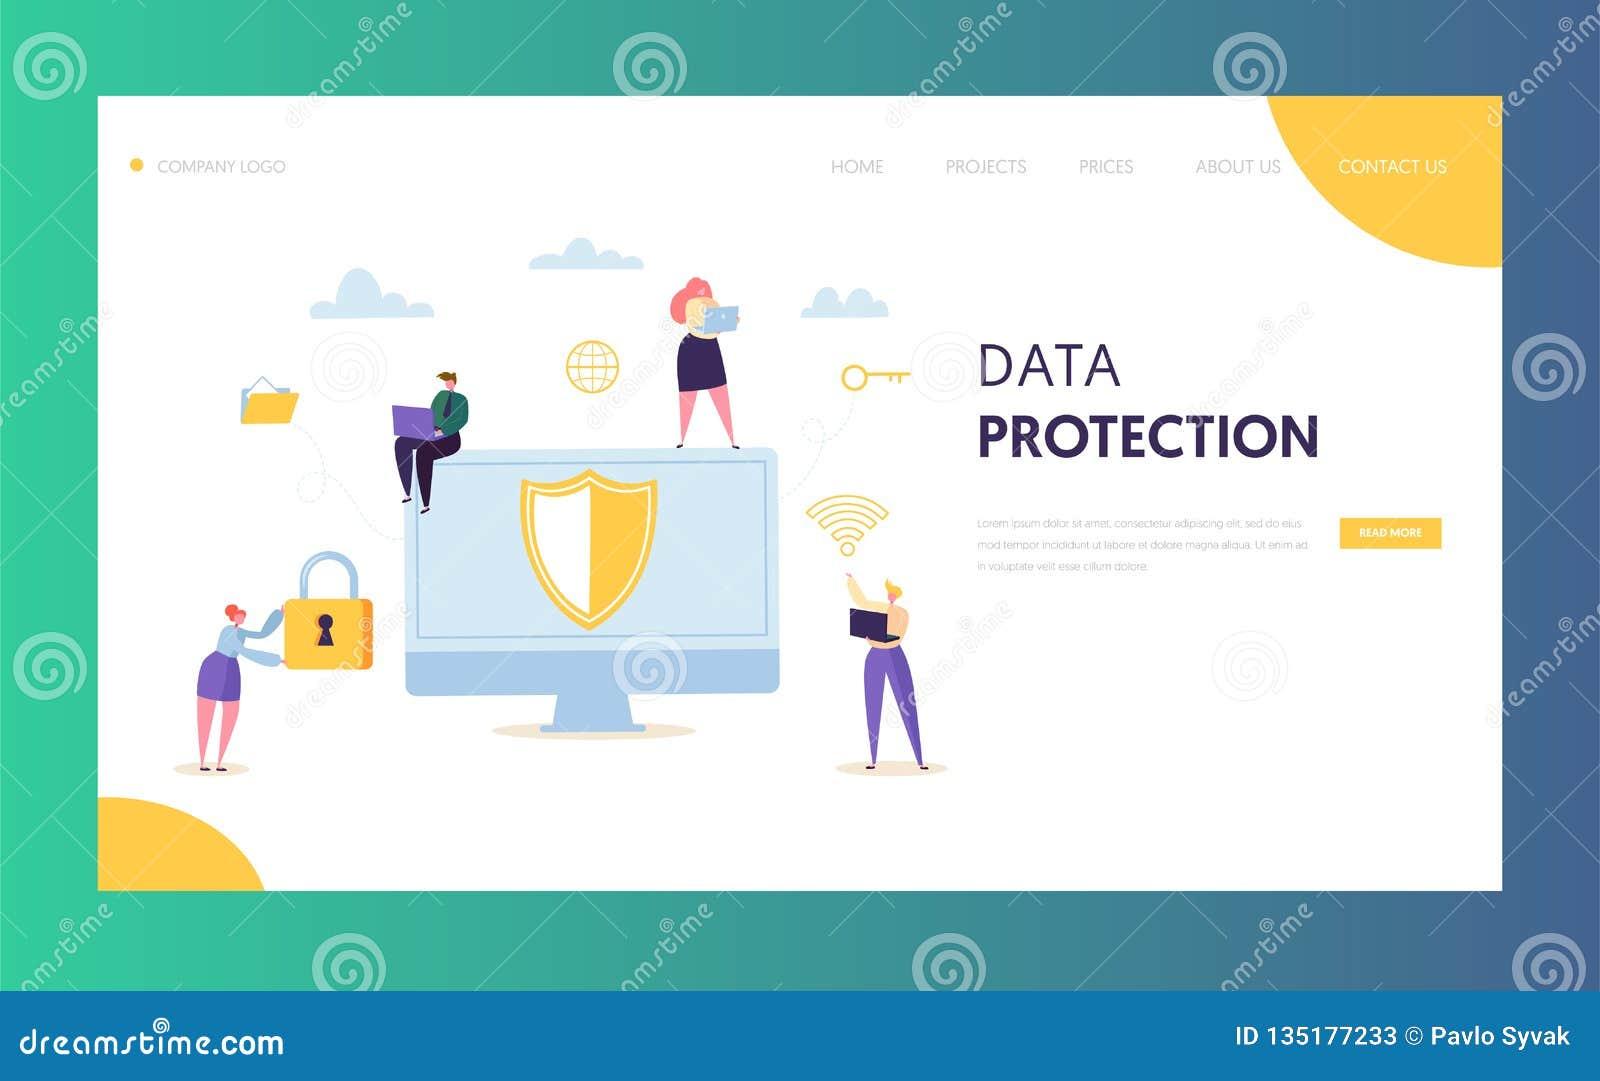 Προσγειωμένος σελίδα δικτύων ασφάλειας στοιχείων Διαδικτύου Ψηφιακή κρυπτογράφηση ιδιωτικότητας κεντρικών υπολογιστών εικονιδίων